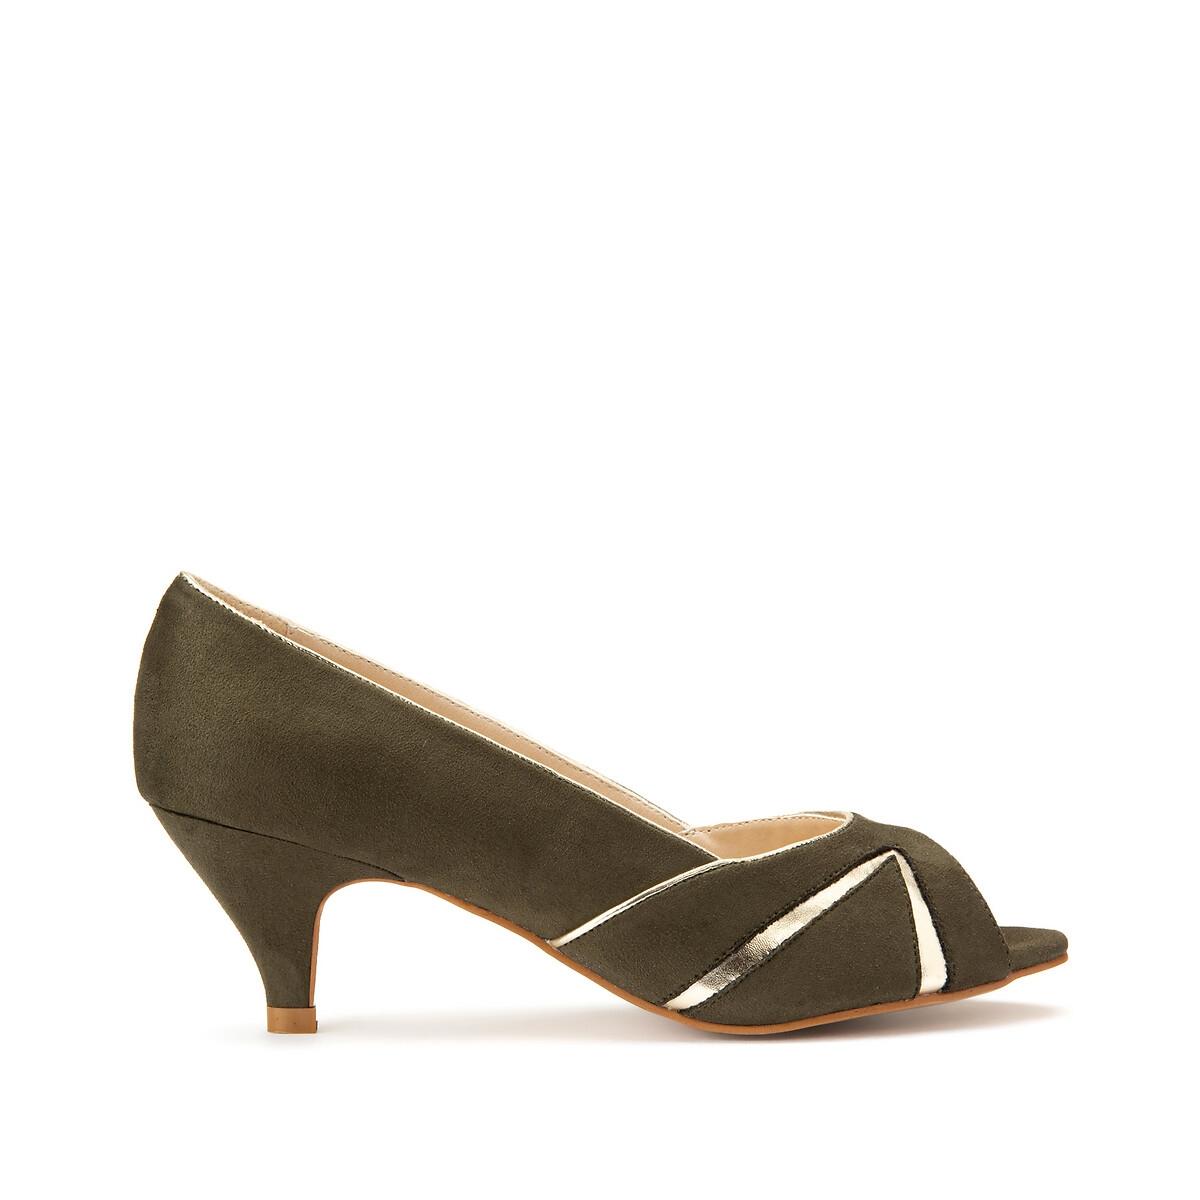 Туфли LaRedoute На каблуке-шпильке для широкой стопы размеры 38-45 45 зеленый балетки laredoute на плоском каблуке для широкой стопы 38 45 43 бежевый